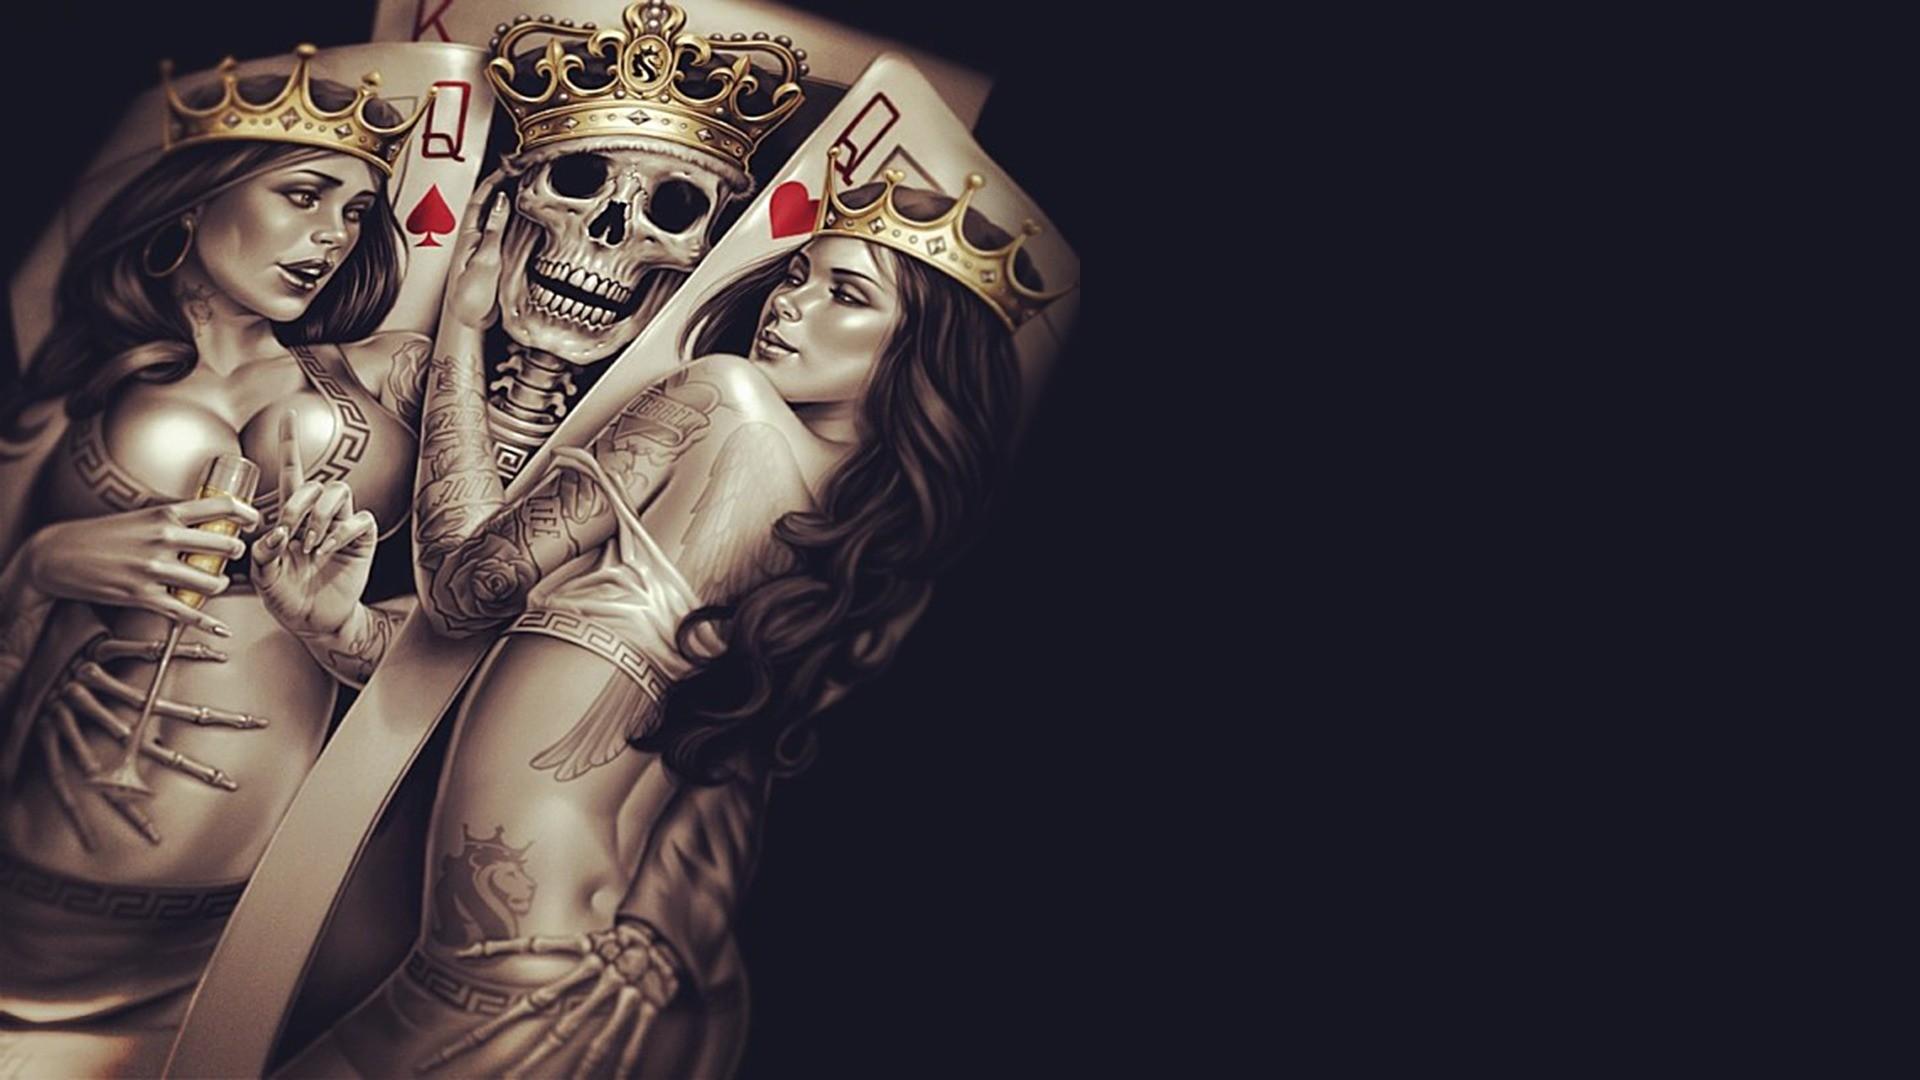 Fond D Écran Tatouage fond d'écran : tatouage, cartes, crâne, bras, 1920x1080 px, papier